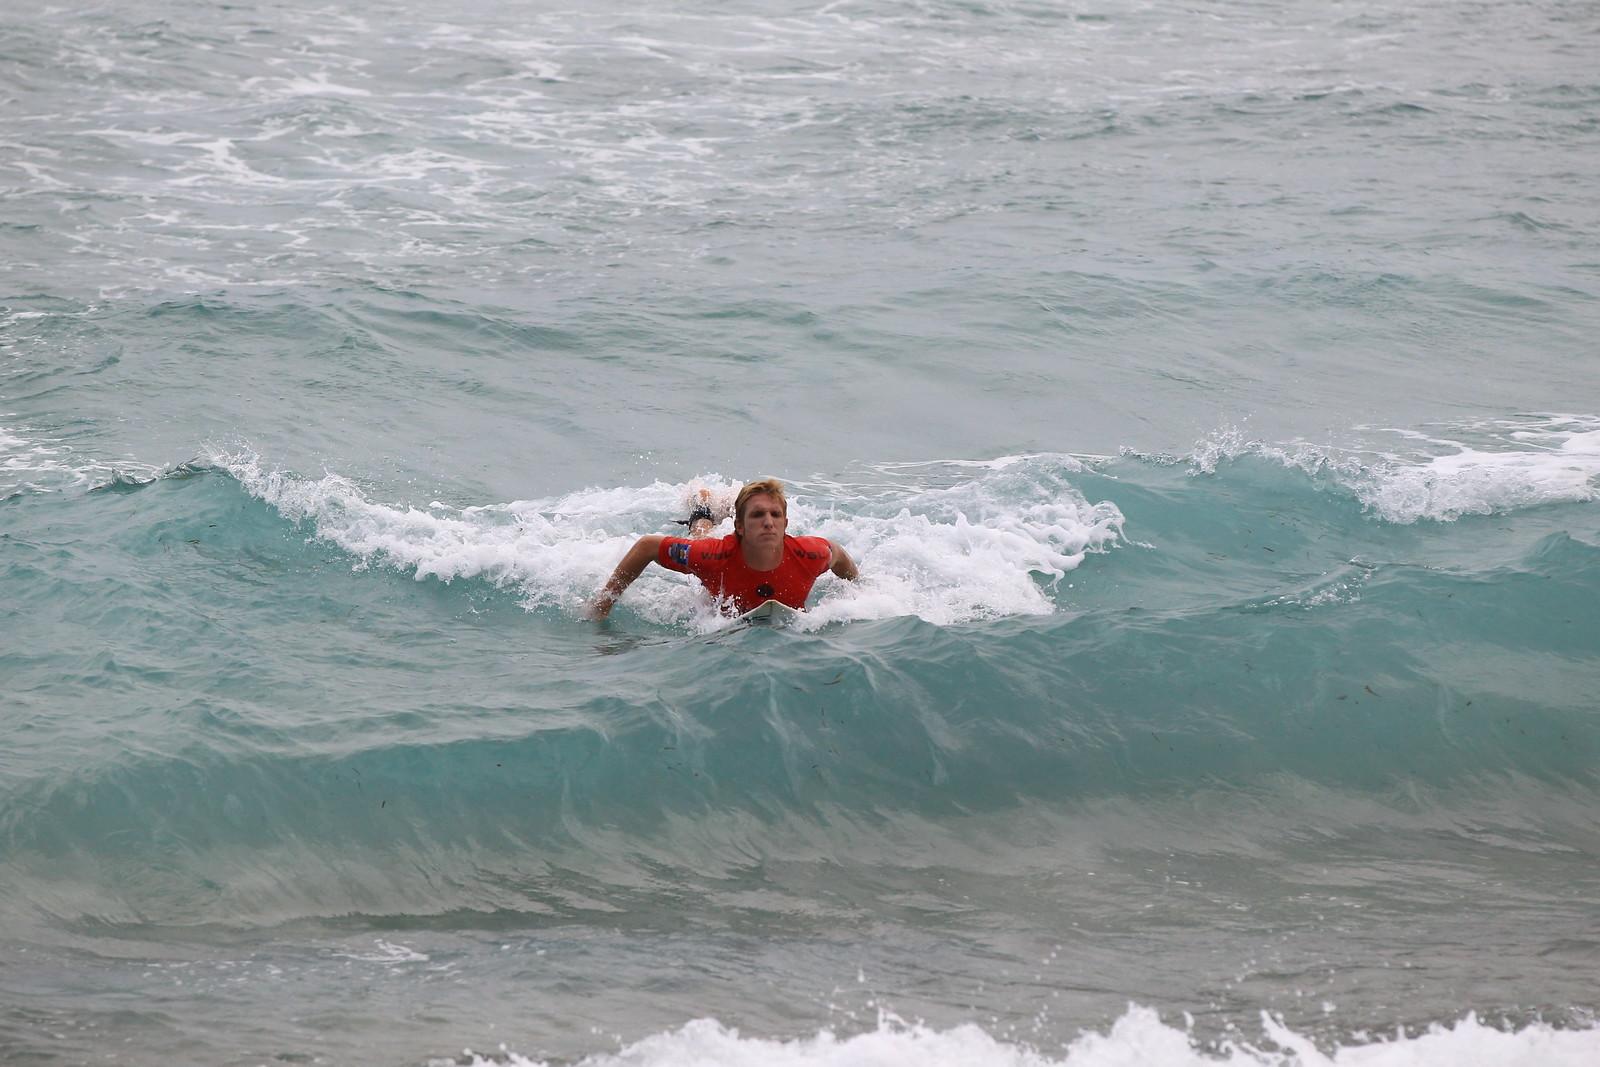 Krui Pro Surfing, Tanjung Setia, Pesisir Barat, Lampung